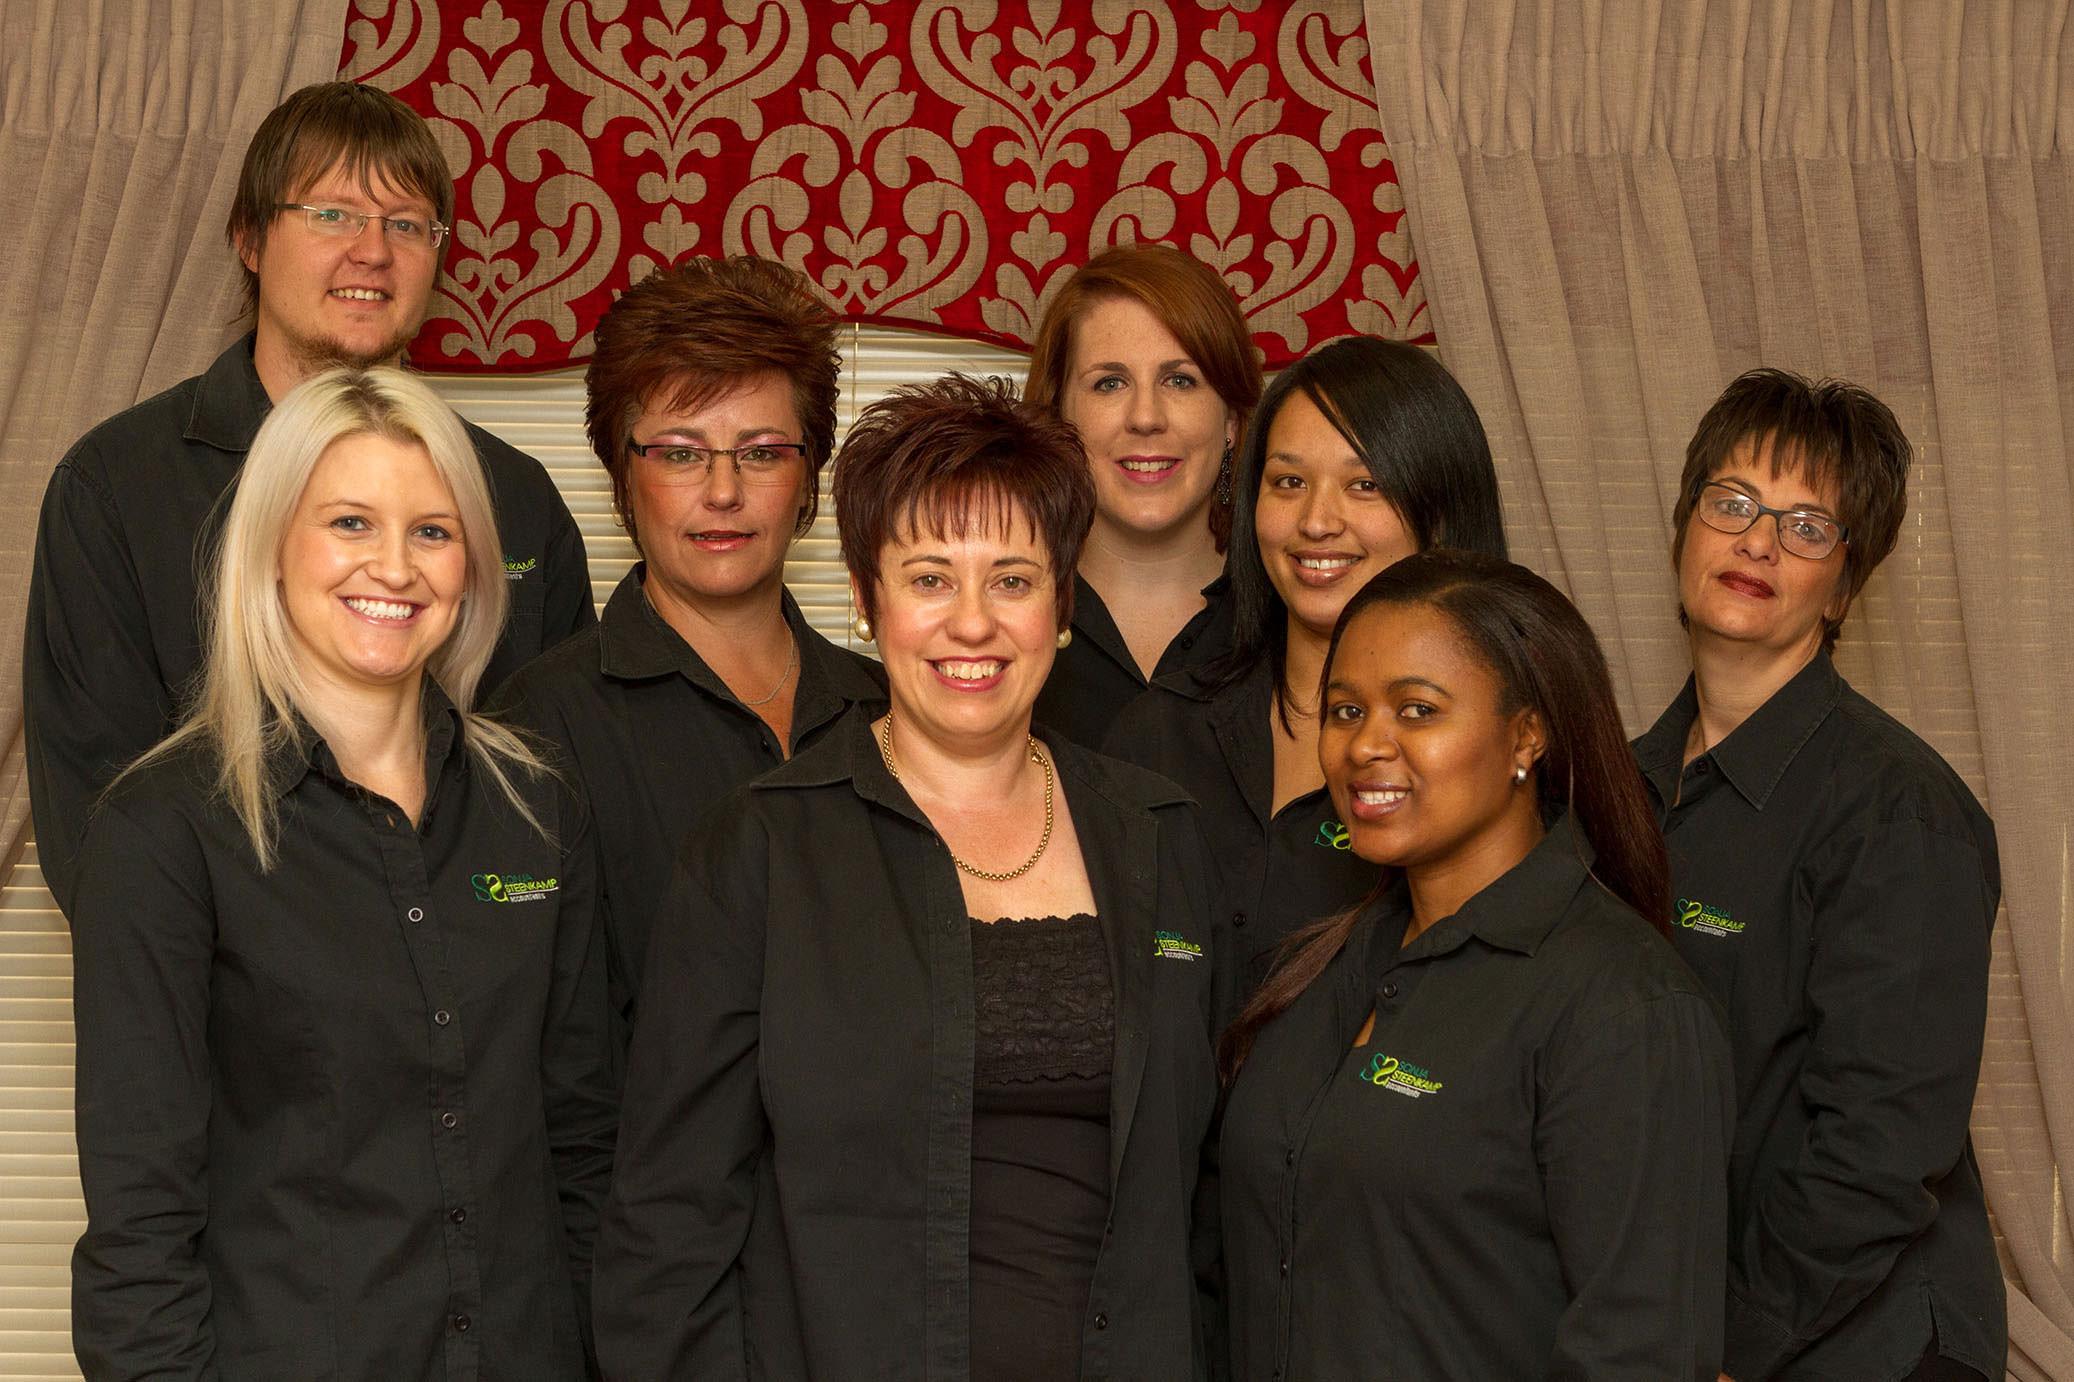 corporate headshots - Corporate Headshots Sonja Steenkamp 181 - Corporate Headshots – Sonja Steenkamp